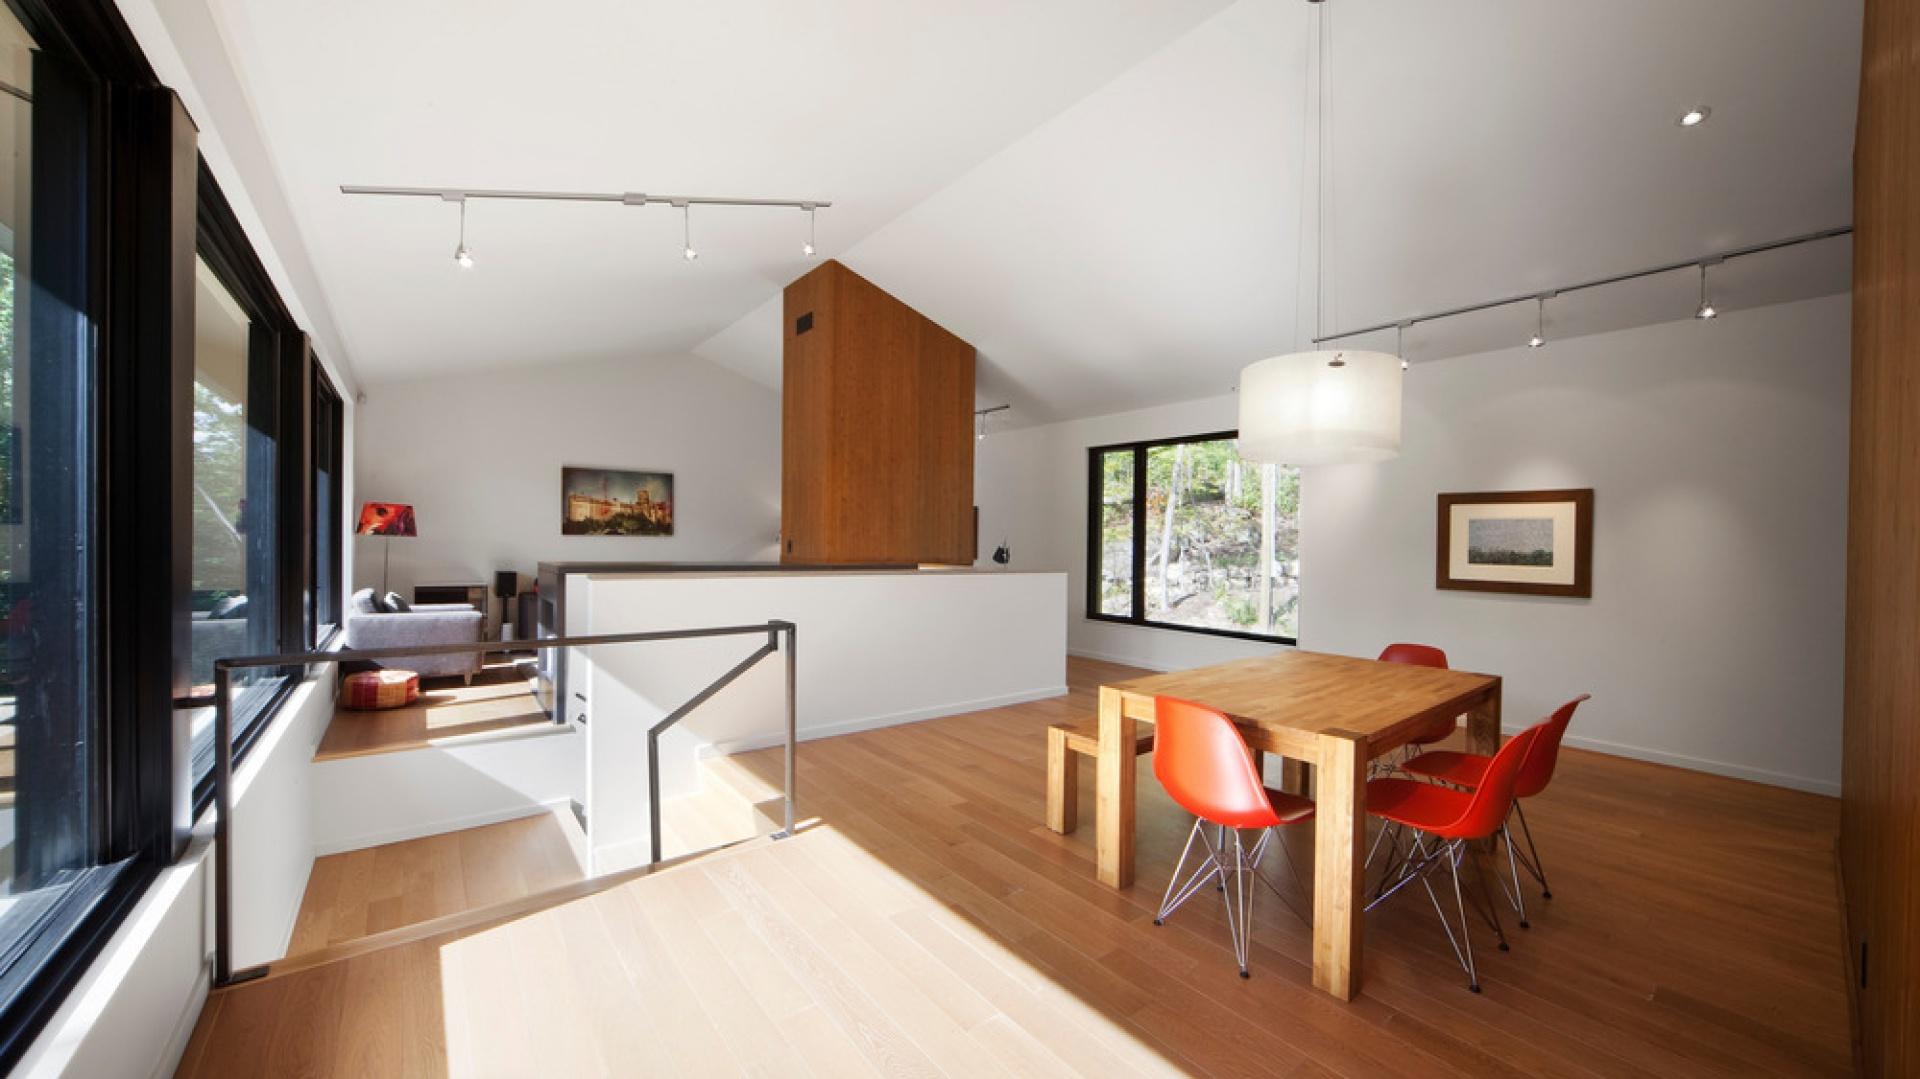 Bogato użyte drewno optycznie ociepla minimalistyczne, jasne wnętrze. Projekt: Blouin Tardif Architecture-Environment. Fot. Steve Montpetit.